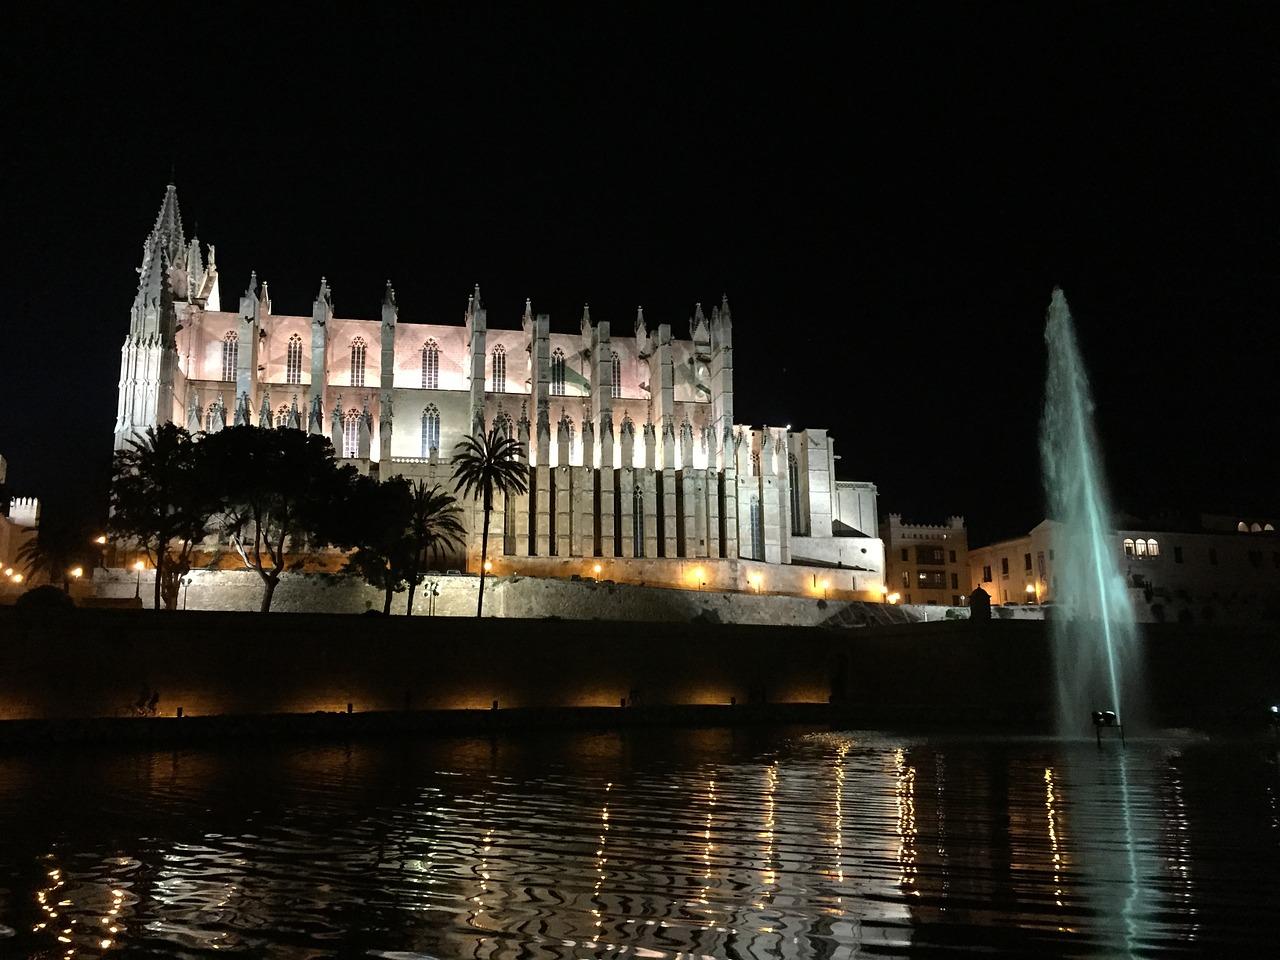 Rathaus von Palma investiert 2,2 Millionen Euro in die Renovierung der Beleuchtung in der Kathedrale